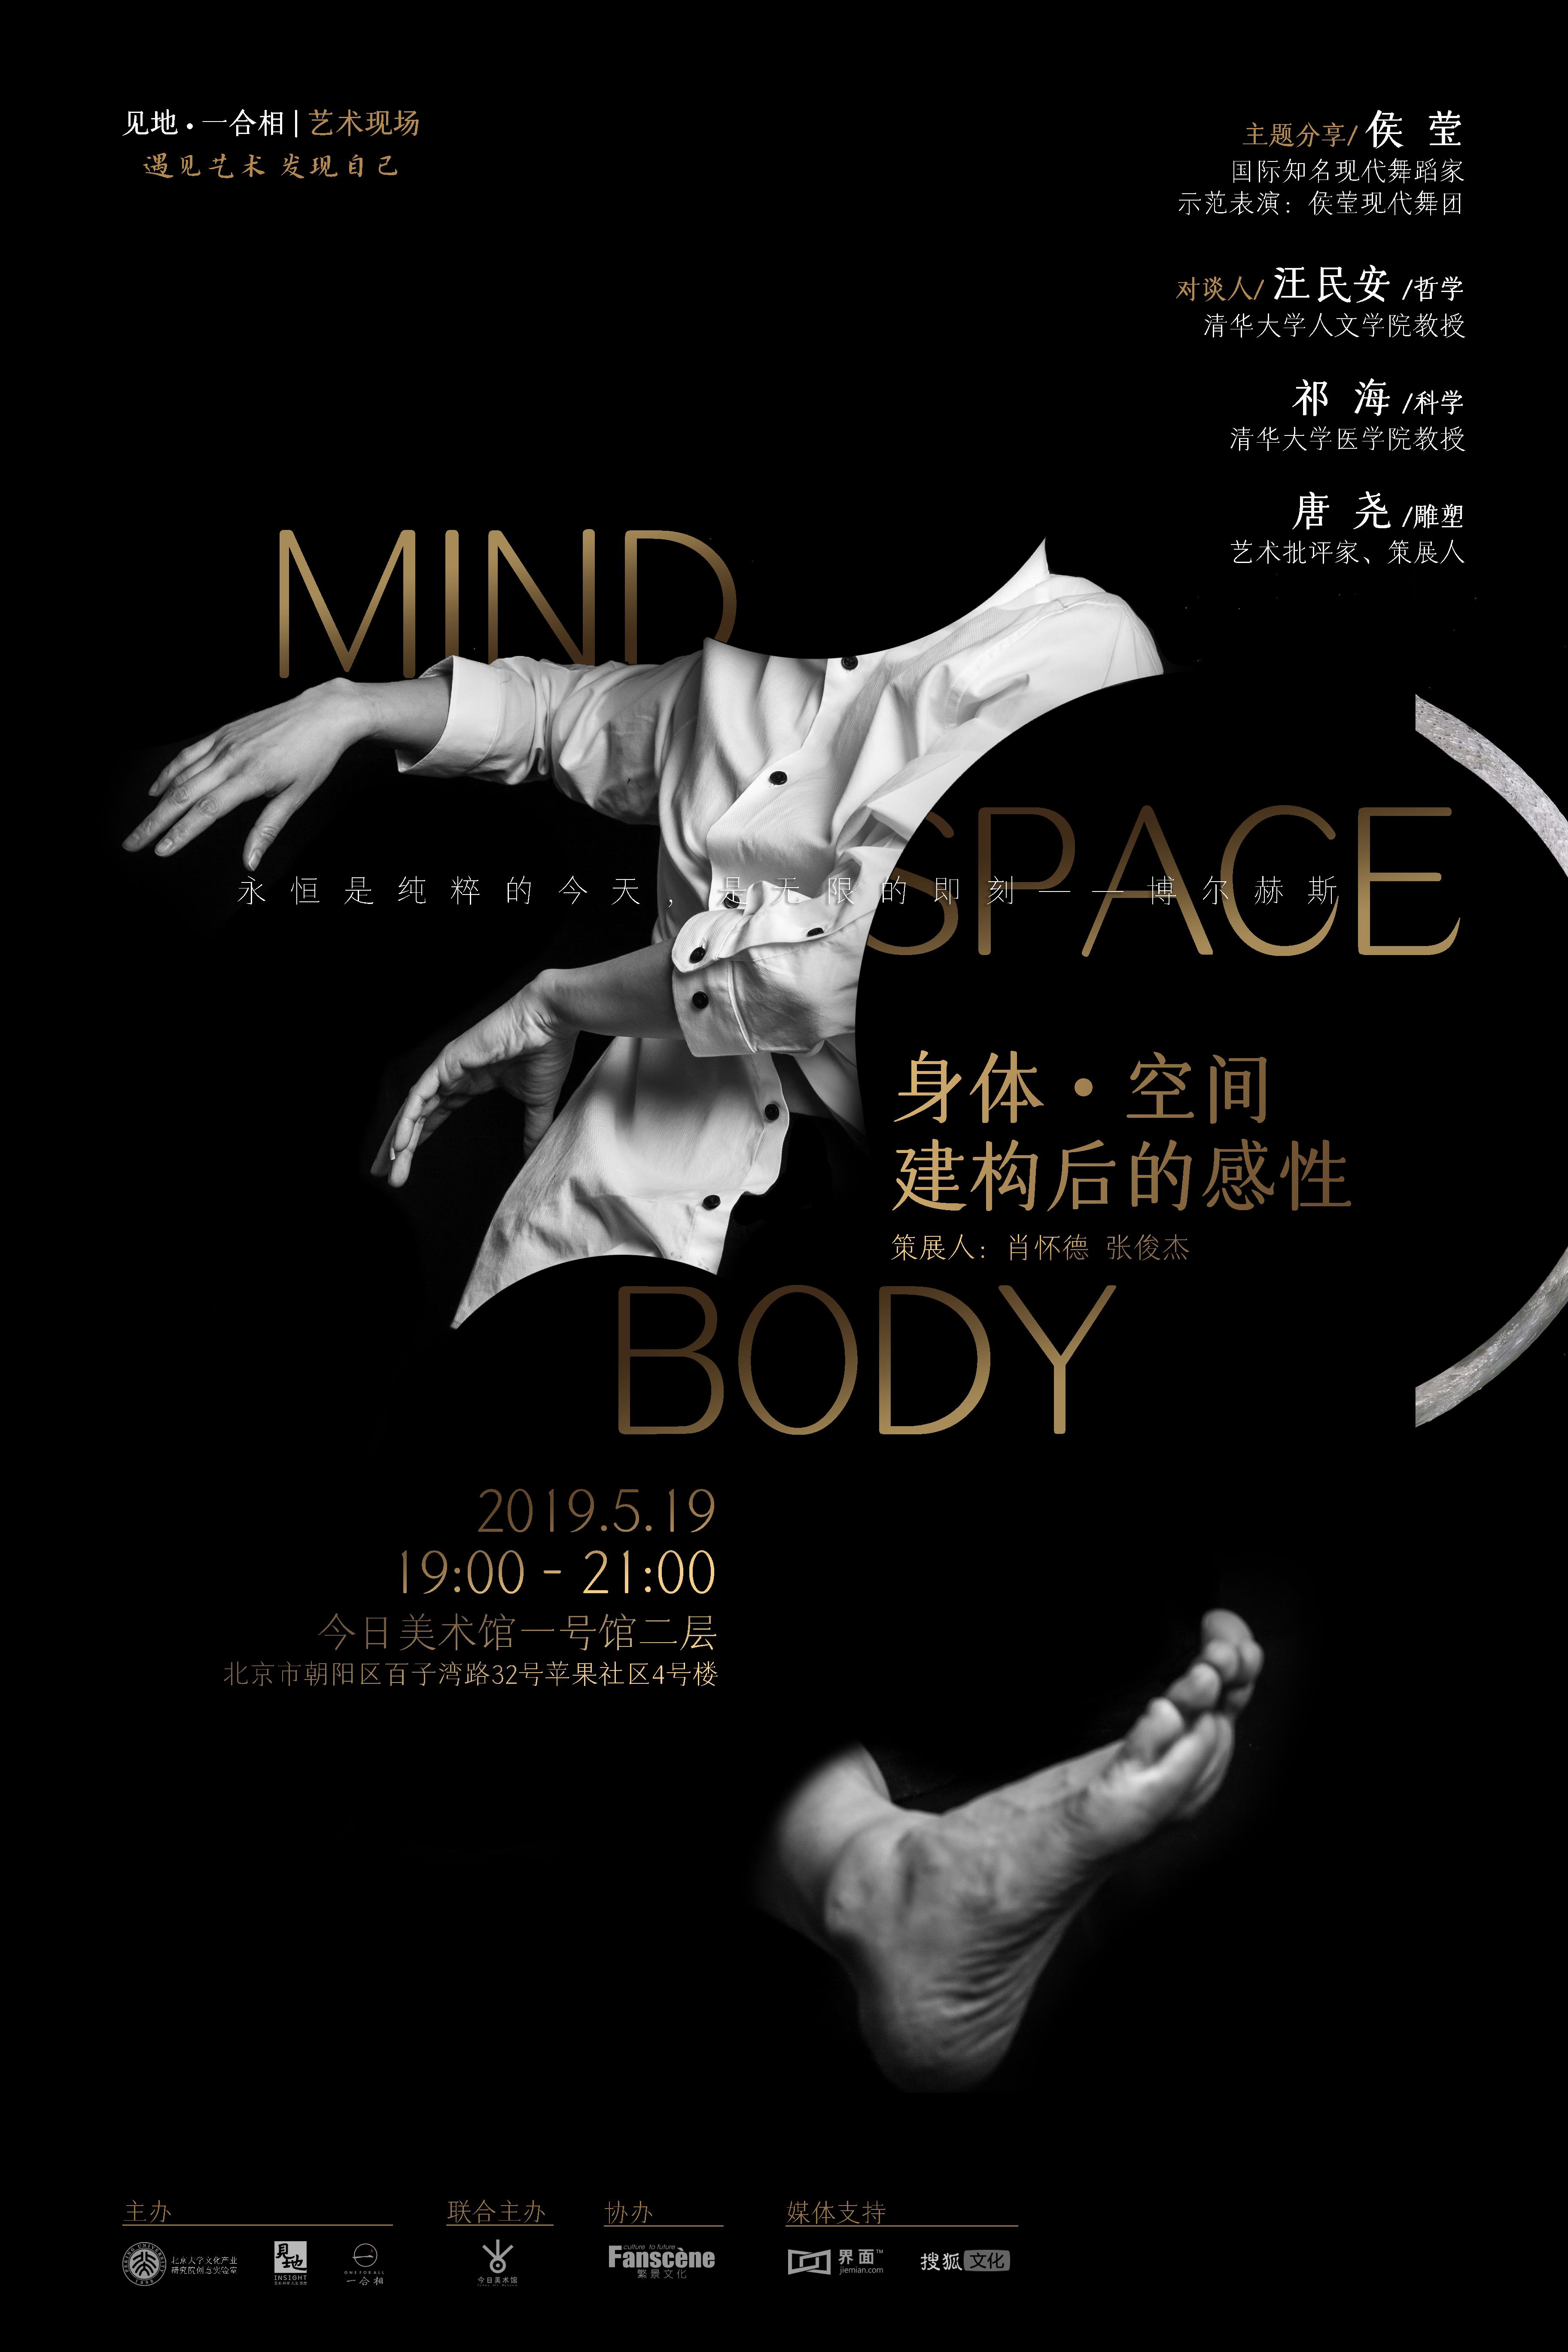 见地 · 一合相 | 艺术现场:解读身体的智慧,遇见艺术,发现自己